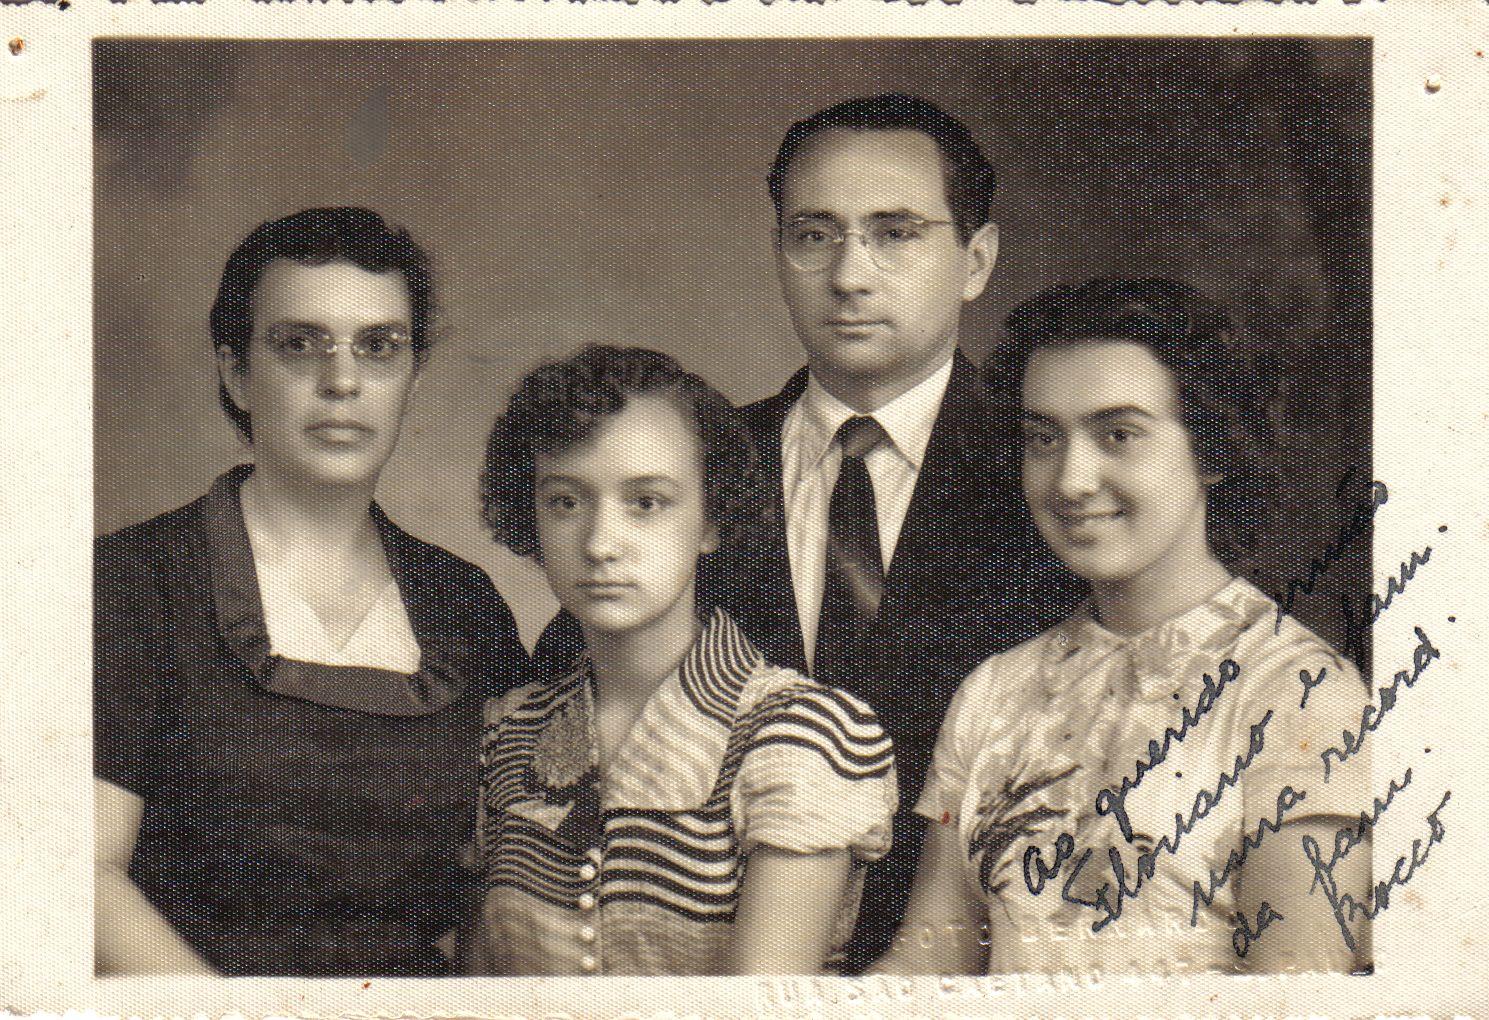 Foto de uma família: homem pardo, de óculos, cabelo curtovestindo terno e gravata. Mulher parda, cabelo curto e castanho com vestido escuro. Duas mocinhas de pele parda, cabelos cacheados, uma séria e outra sorrindo. Filhas do casal de adultos. Foto em preto e branco.